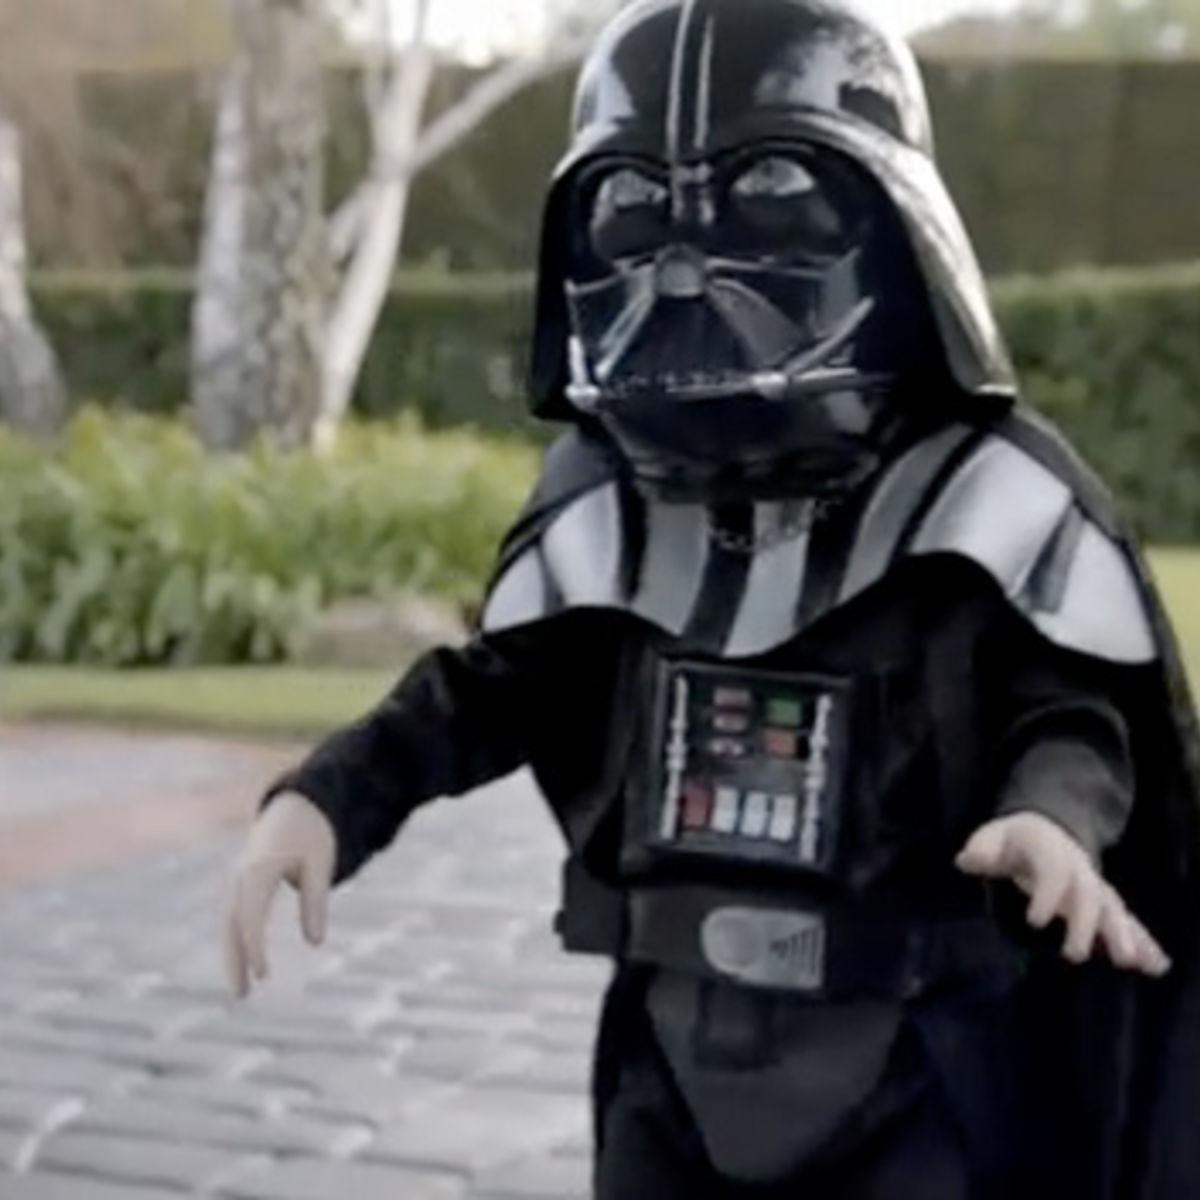 Darth-Vader-Super-Bowl-ad.jpg